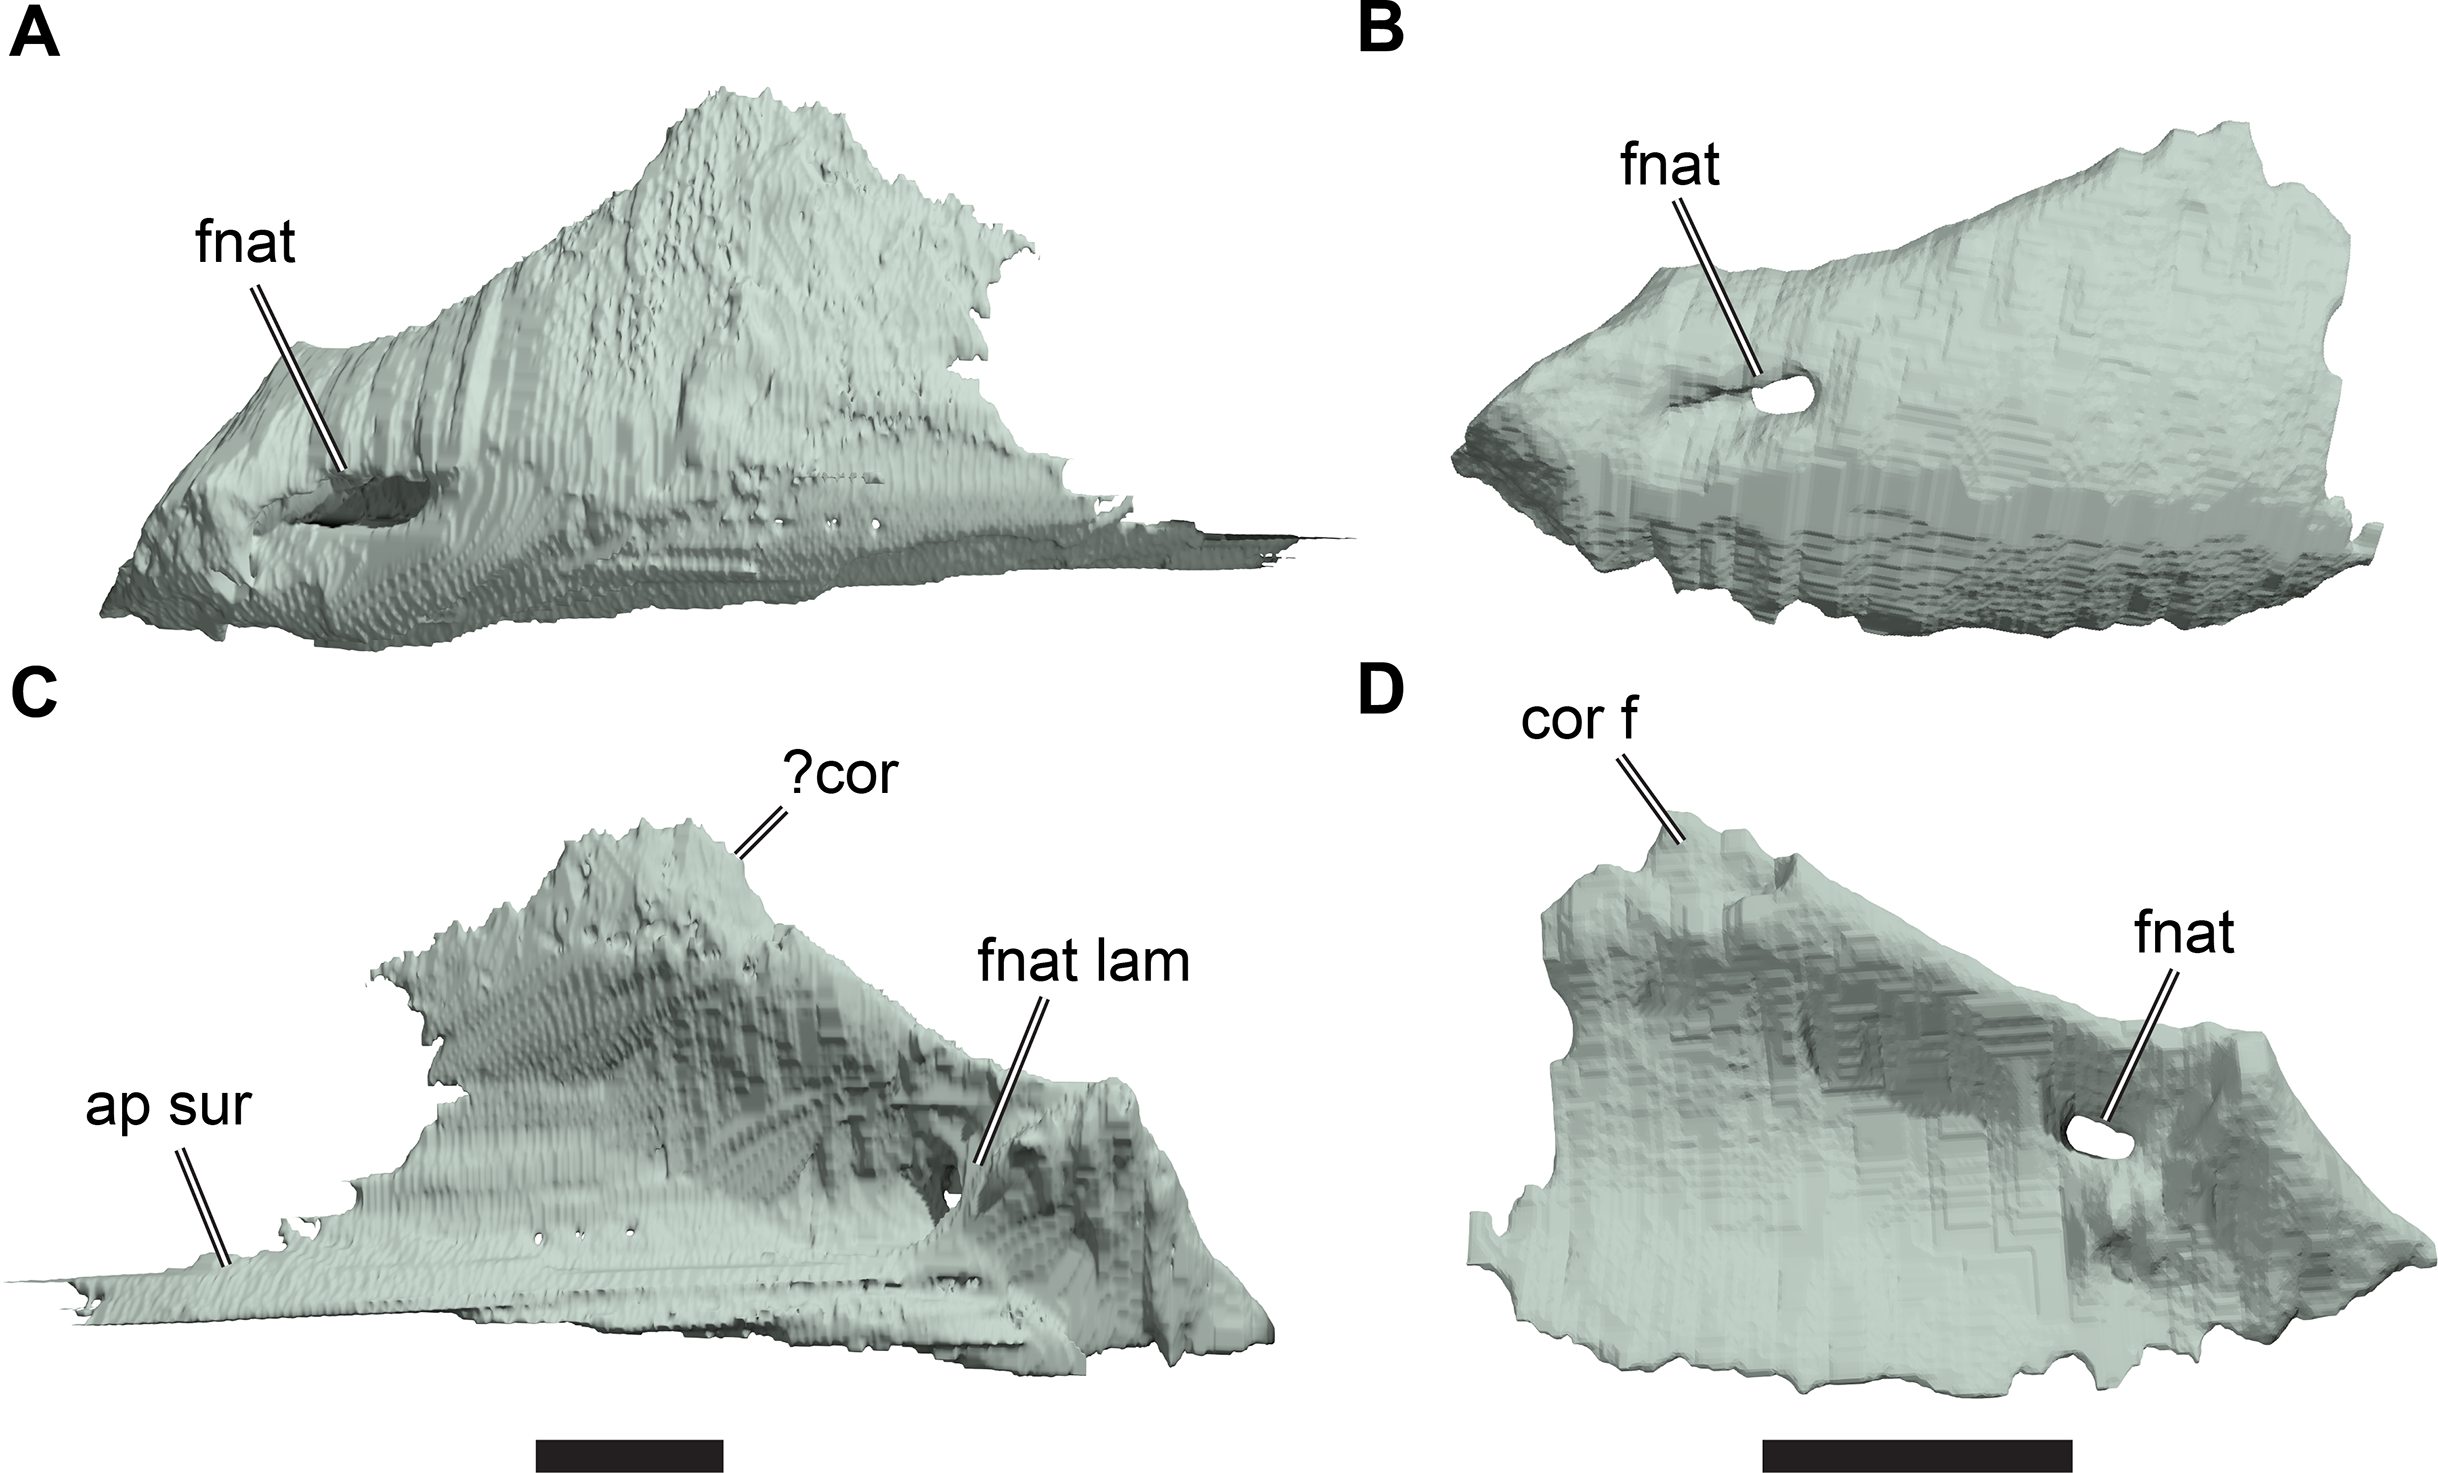 Anatomy of Rhinochelys pulchriceps (Protostegidae) and